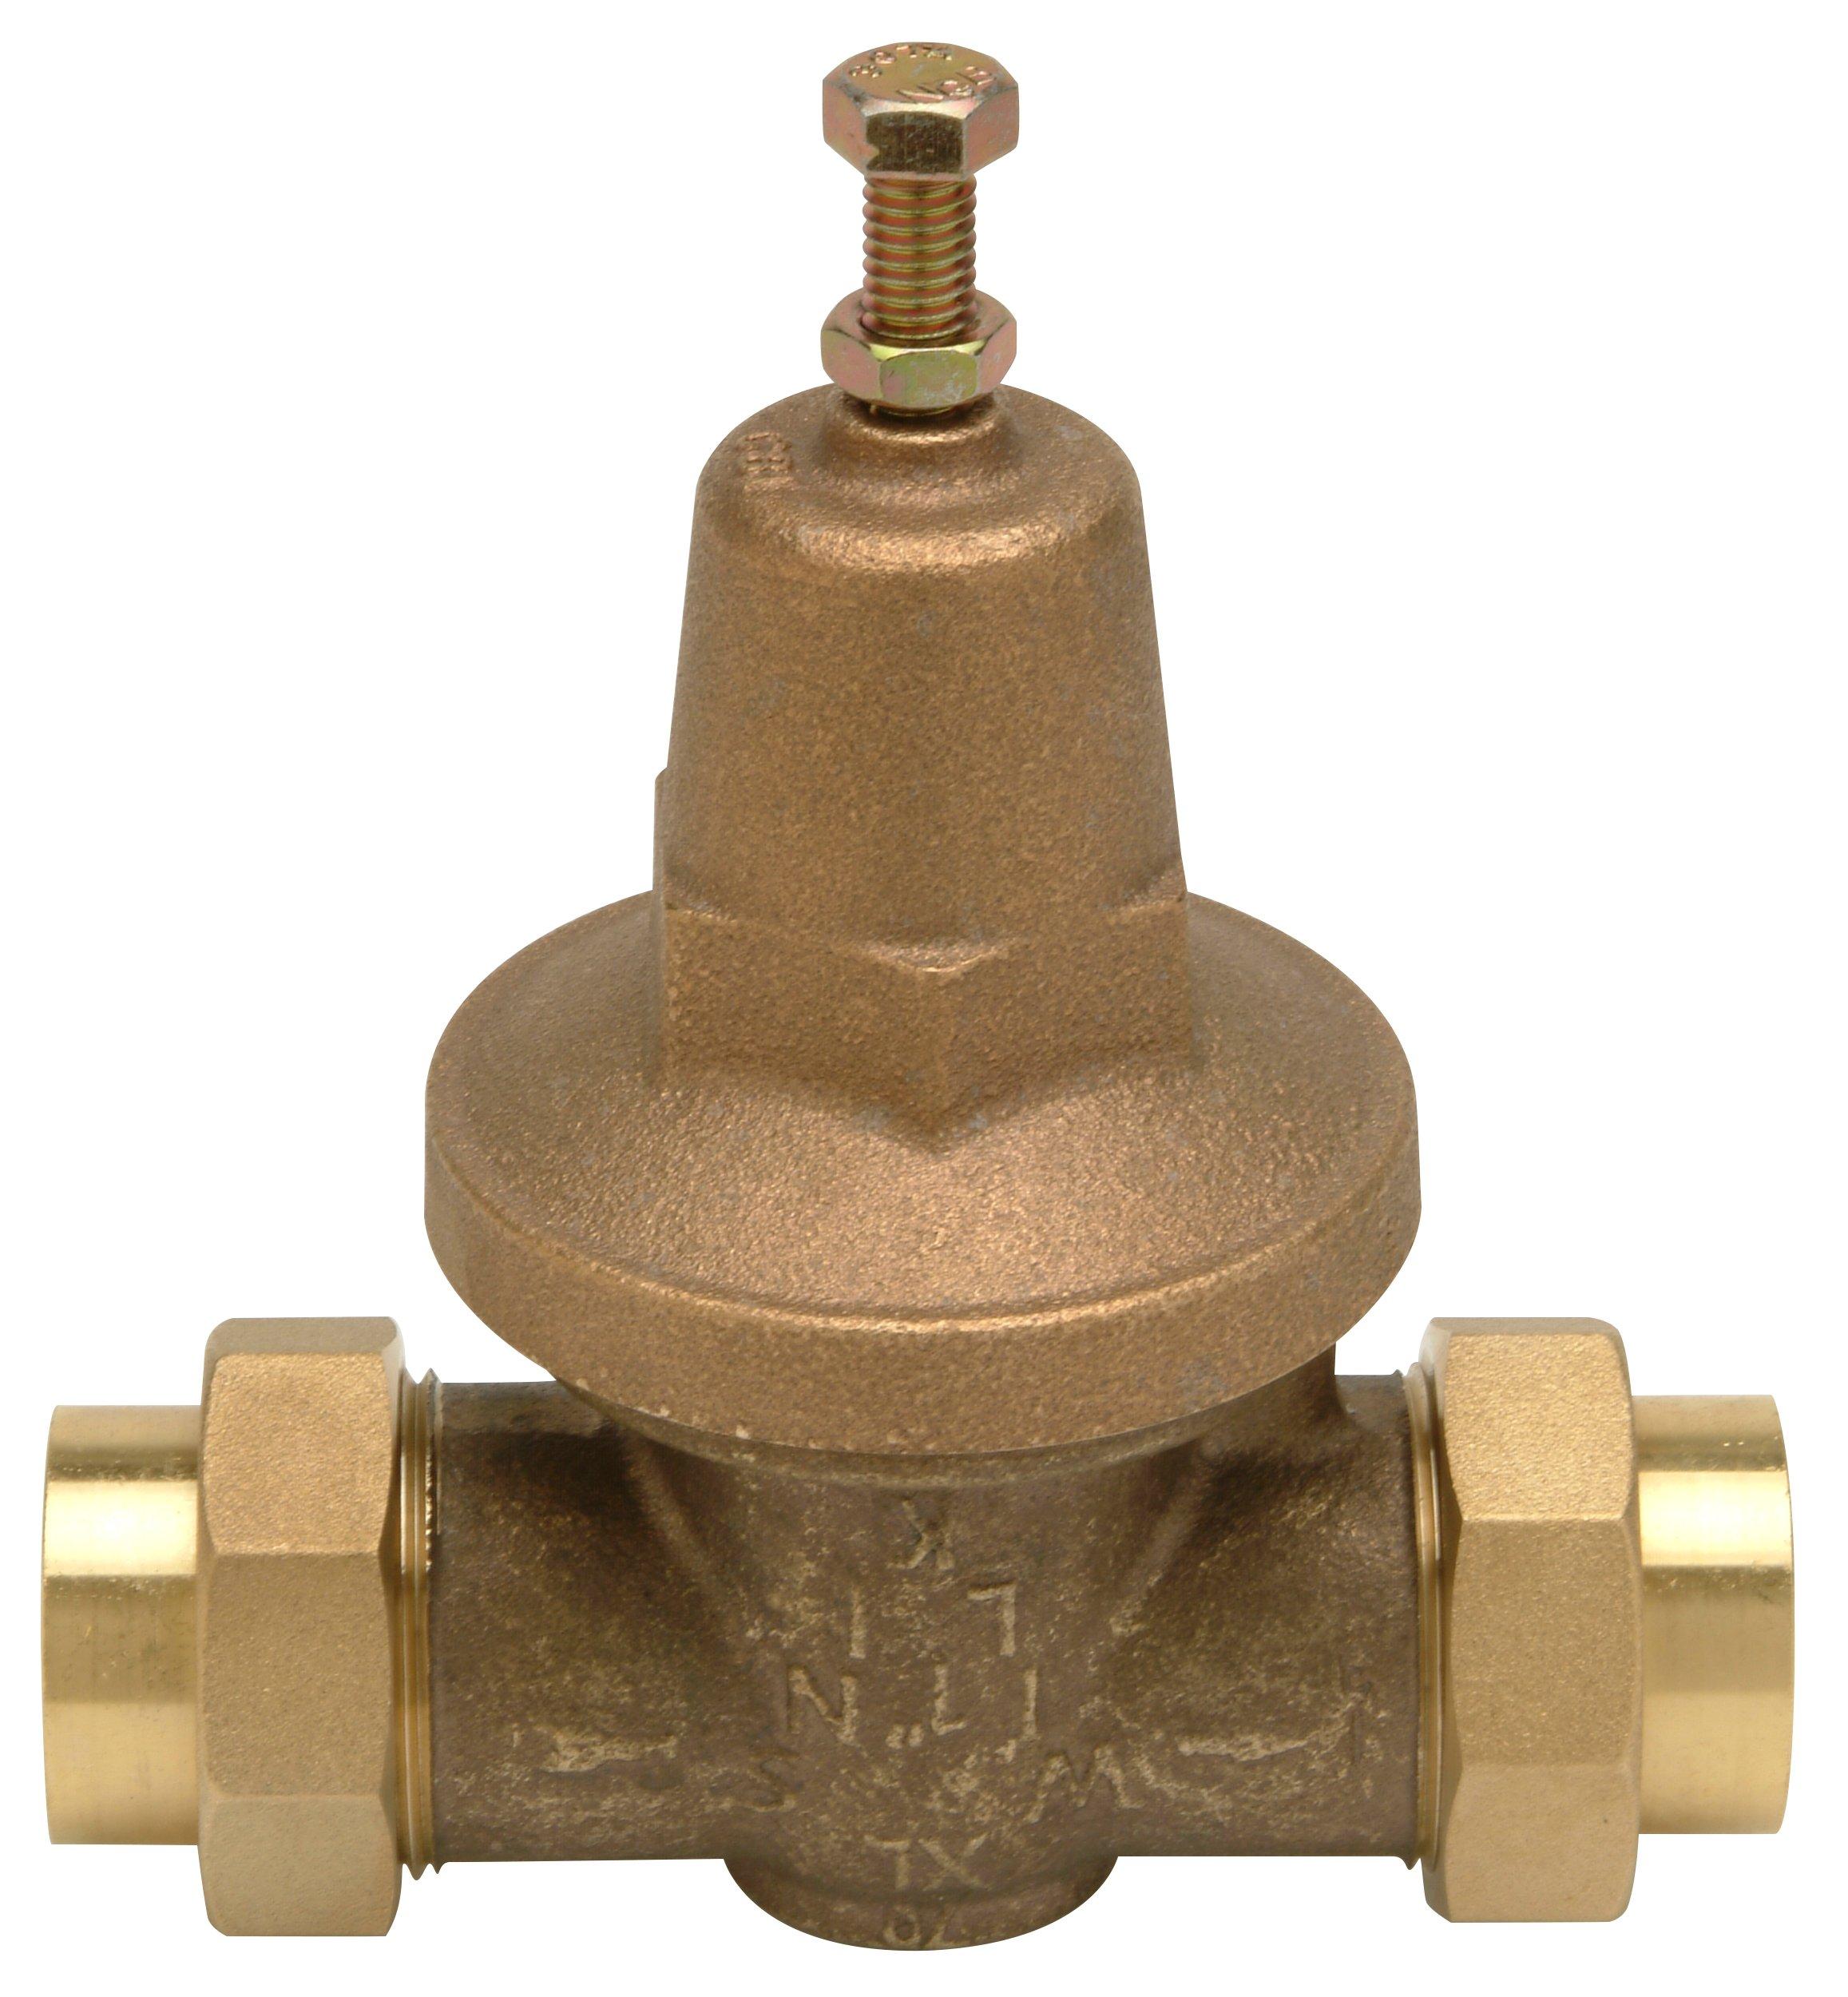 Zurn 1-70XLDU Lead Free Water Pressure Reducing Valve, 1'' Double Union FNPT, Bronze by Zurn